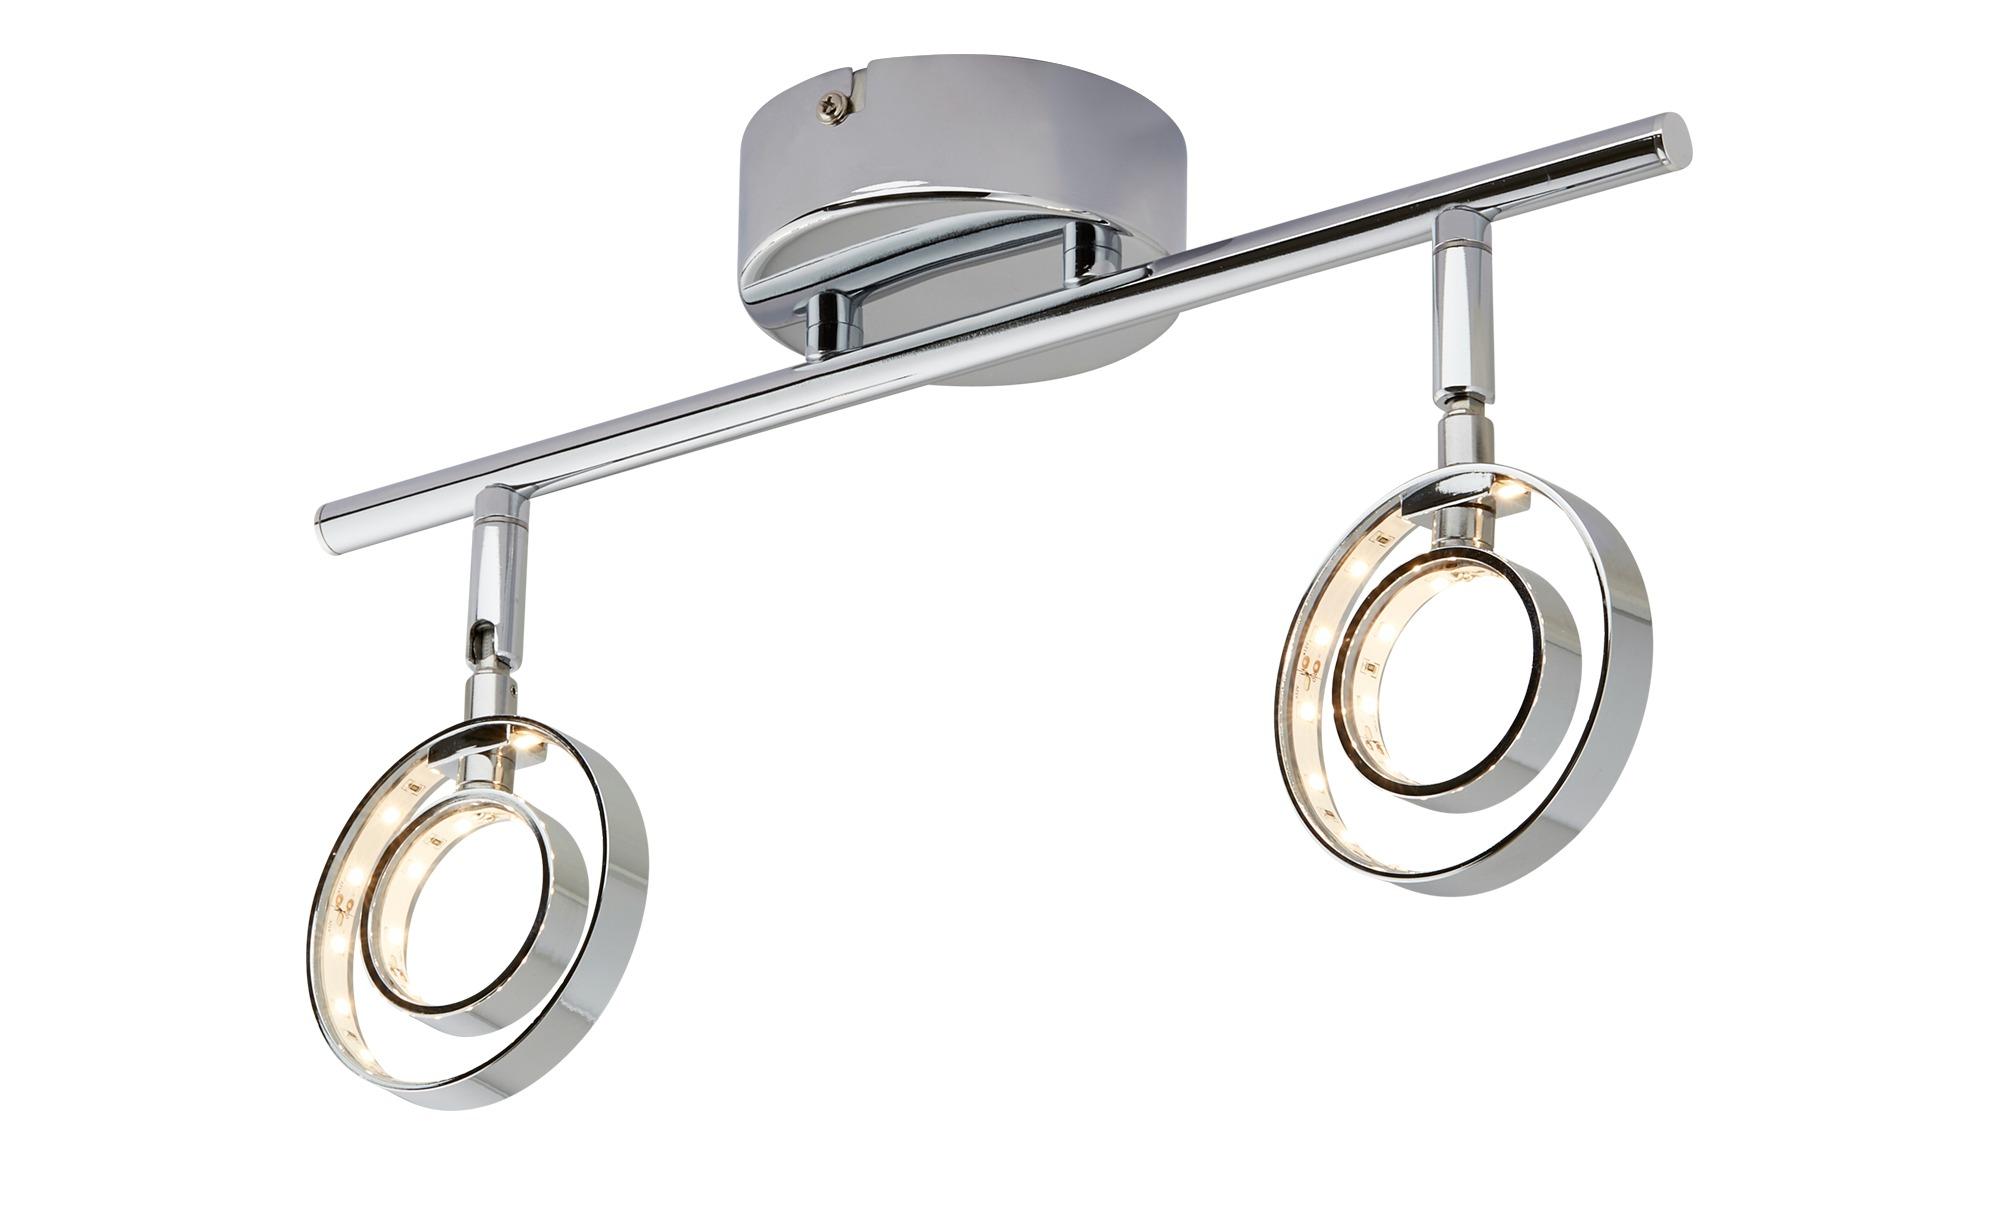 KHG LED- Deckenstrahler, 2-flammig, chrom ¦ silber ¦ Maße (cm): B: 36,5 H: 19,5 Lampen & Leuchten > LED-Leuchten > LED-Strahler & Spots - Höffner